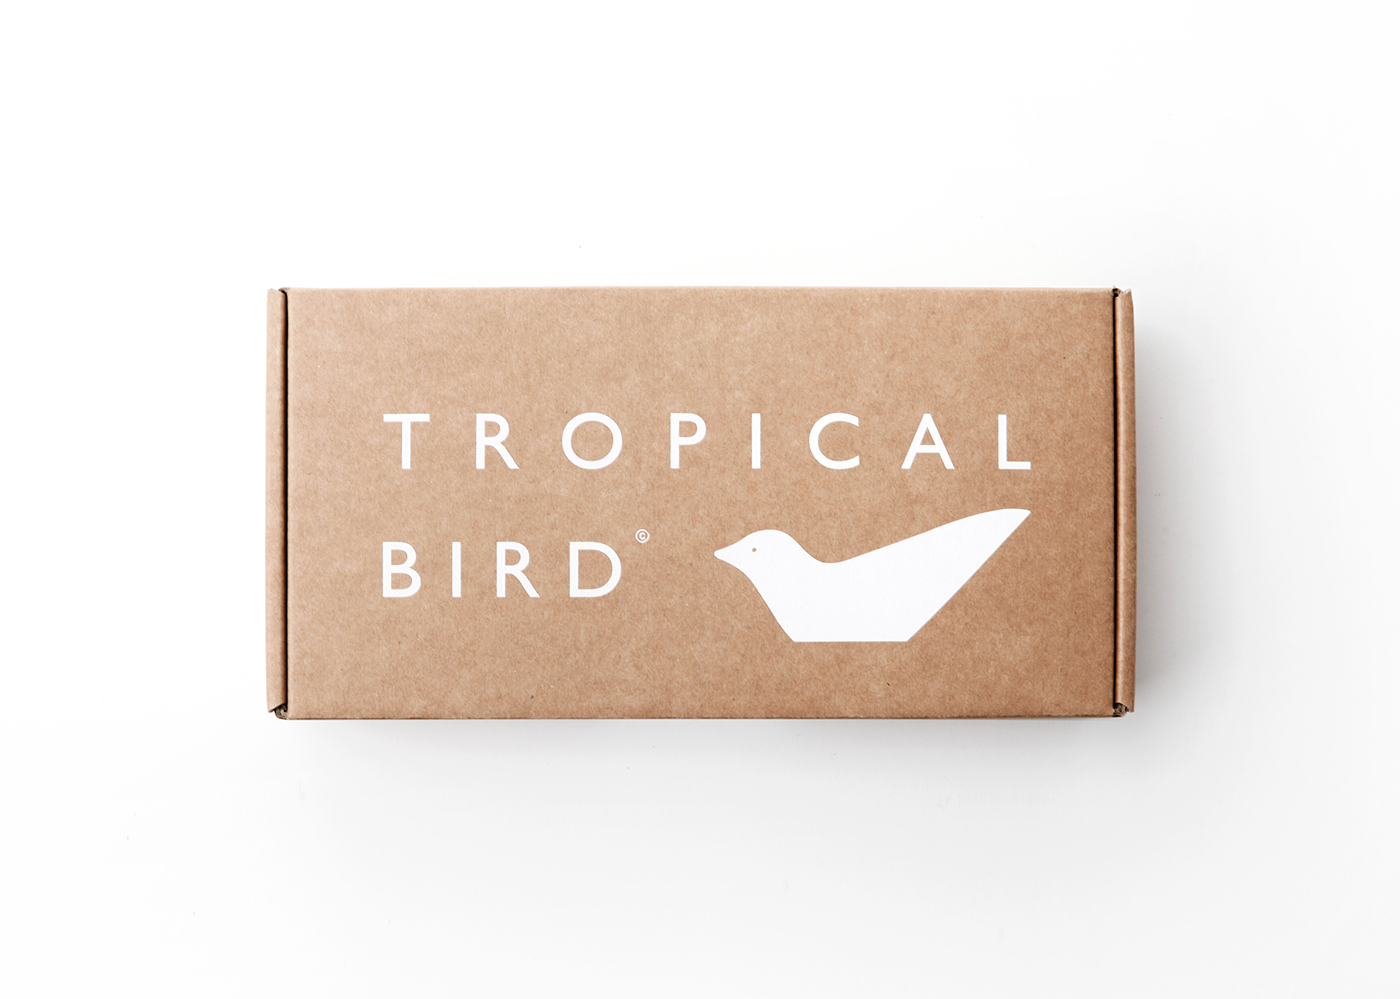 Tropical Bird on